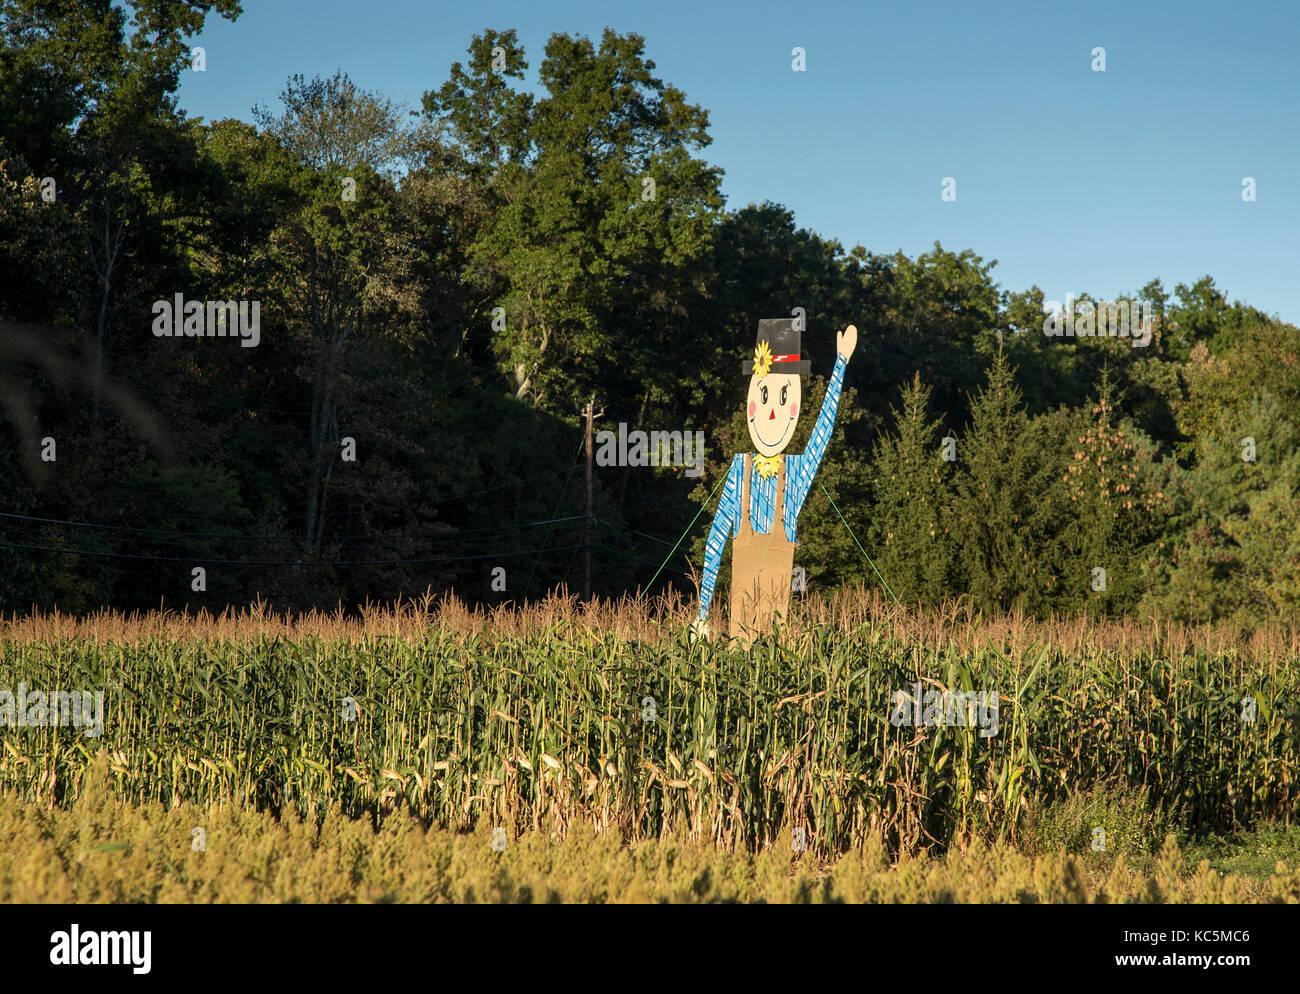 Eine Vogelscheuche in einem Maisfeld Stockbild